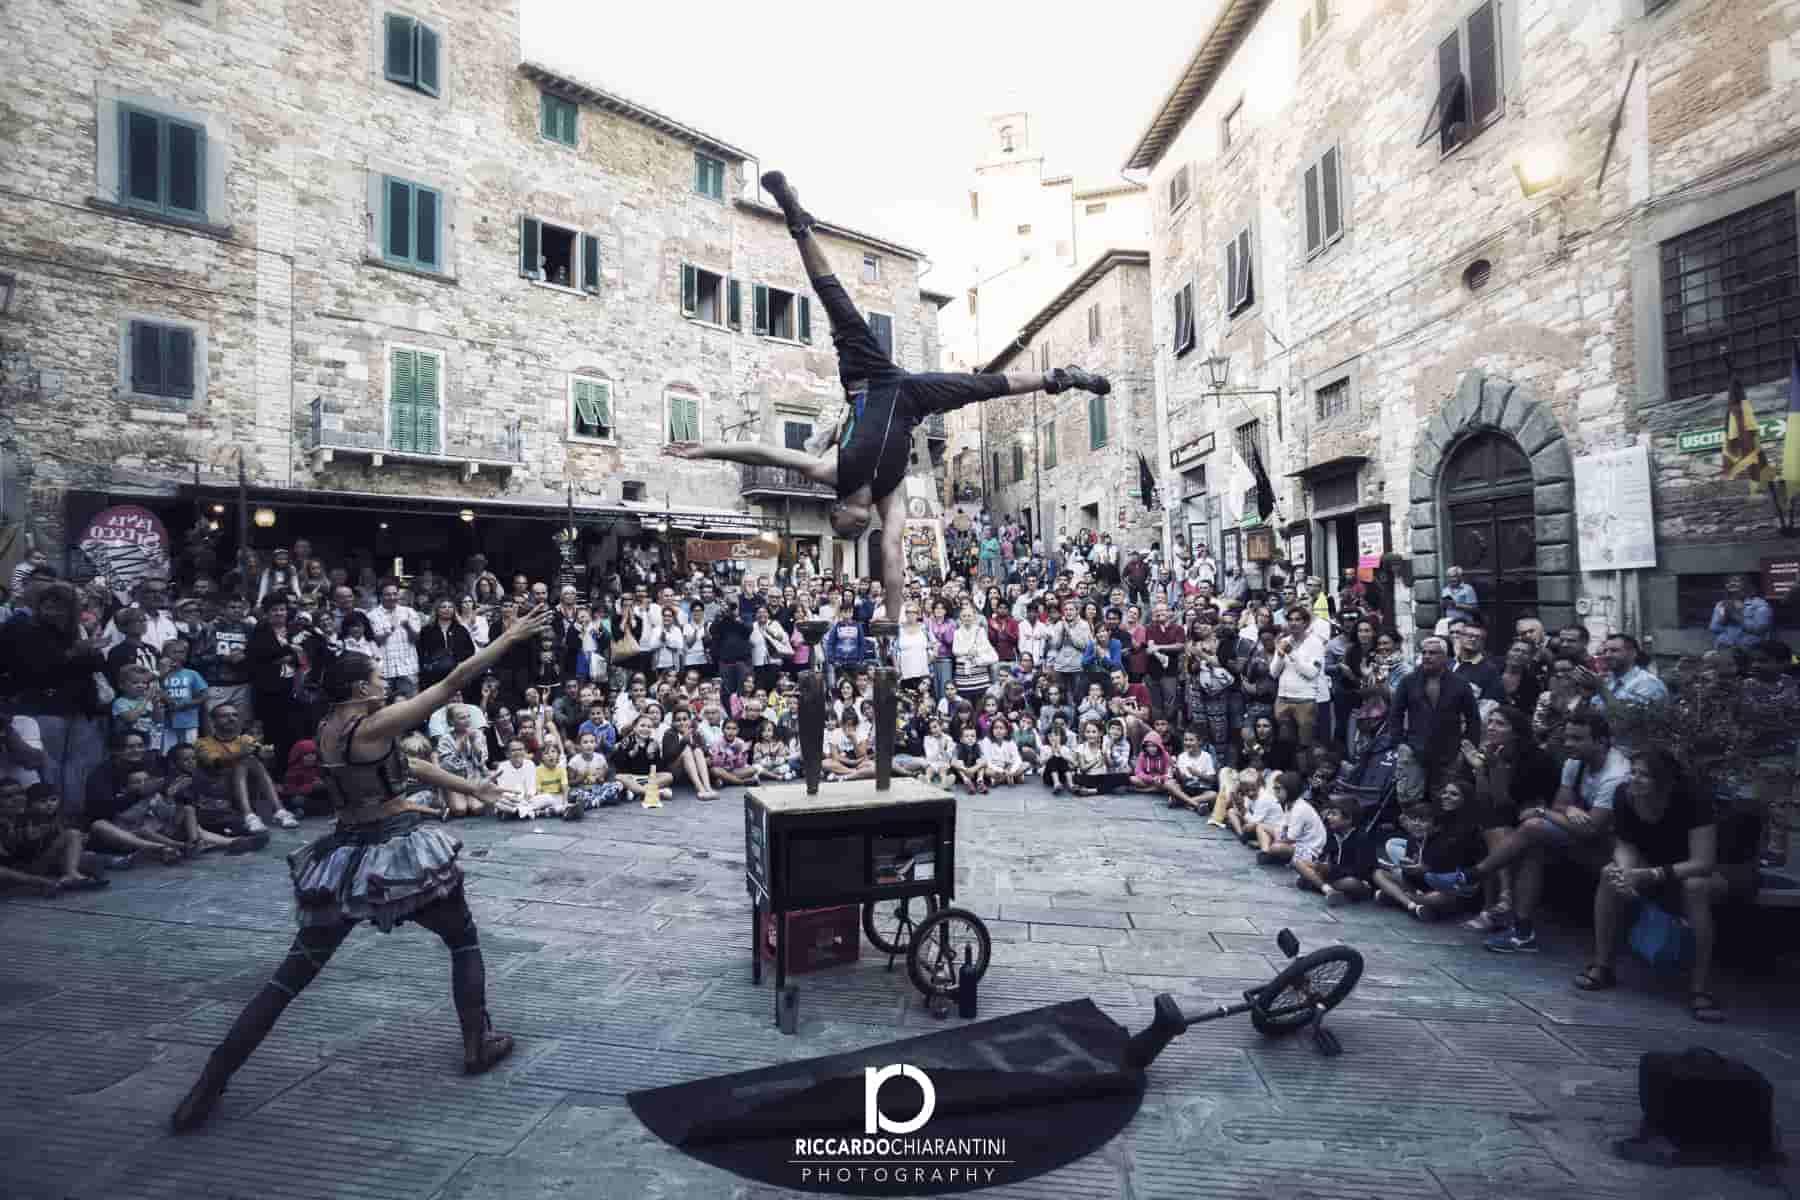 מופע קרקס רחוב באיטליה